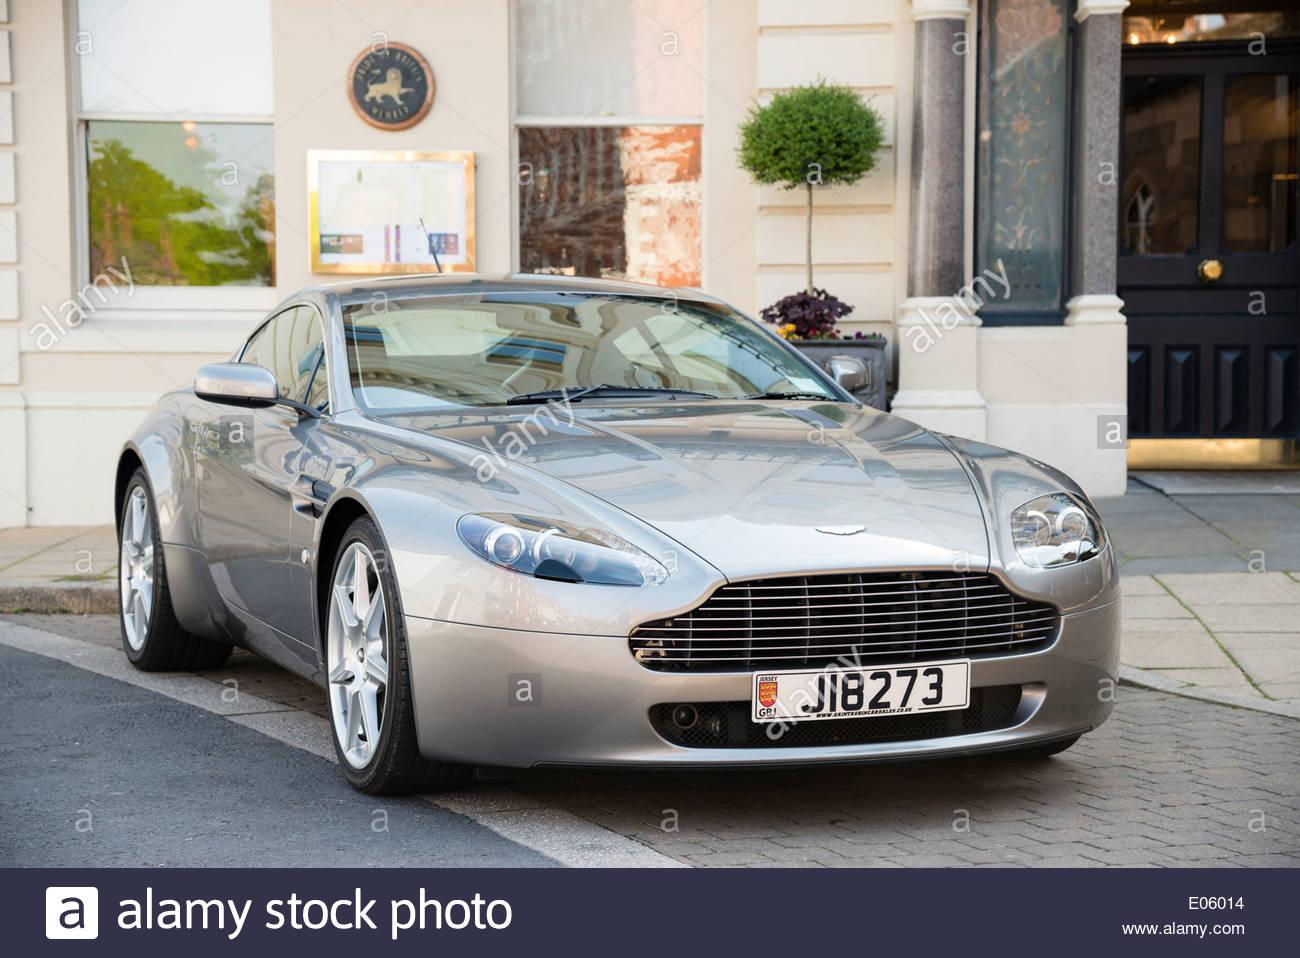 Aston Martin automobile parcheggiata in strada di fronte a un hotel, Hereford, Regno Unito. Immagini Stock